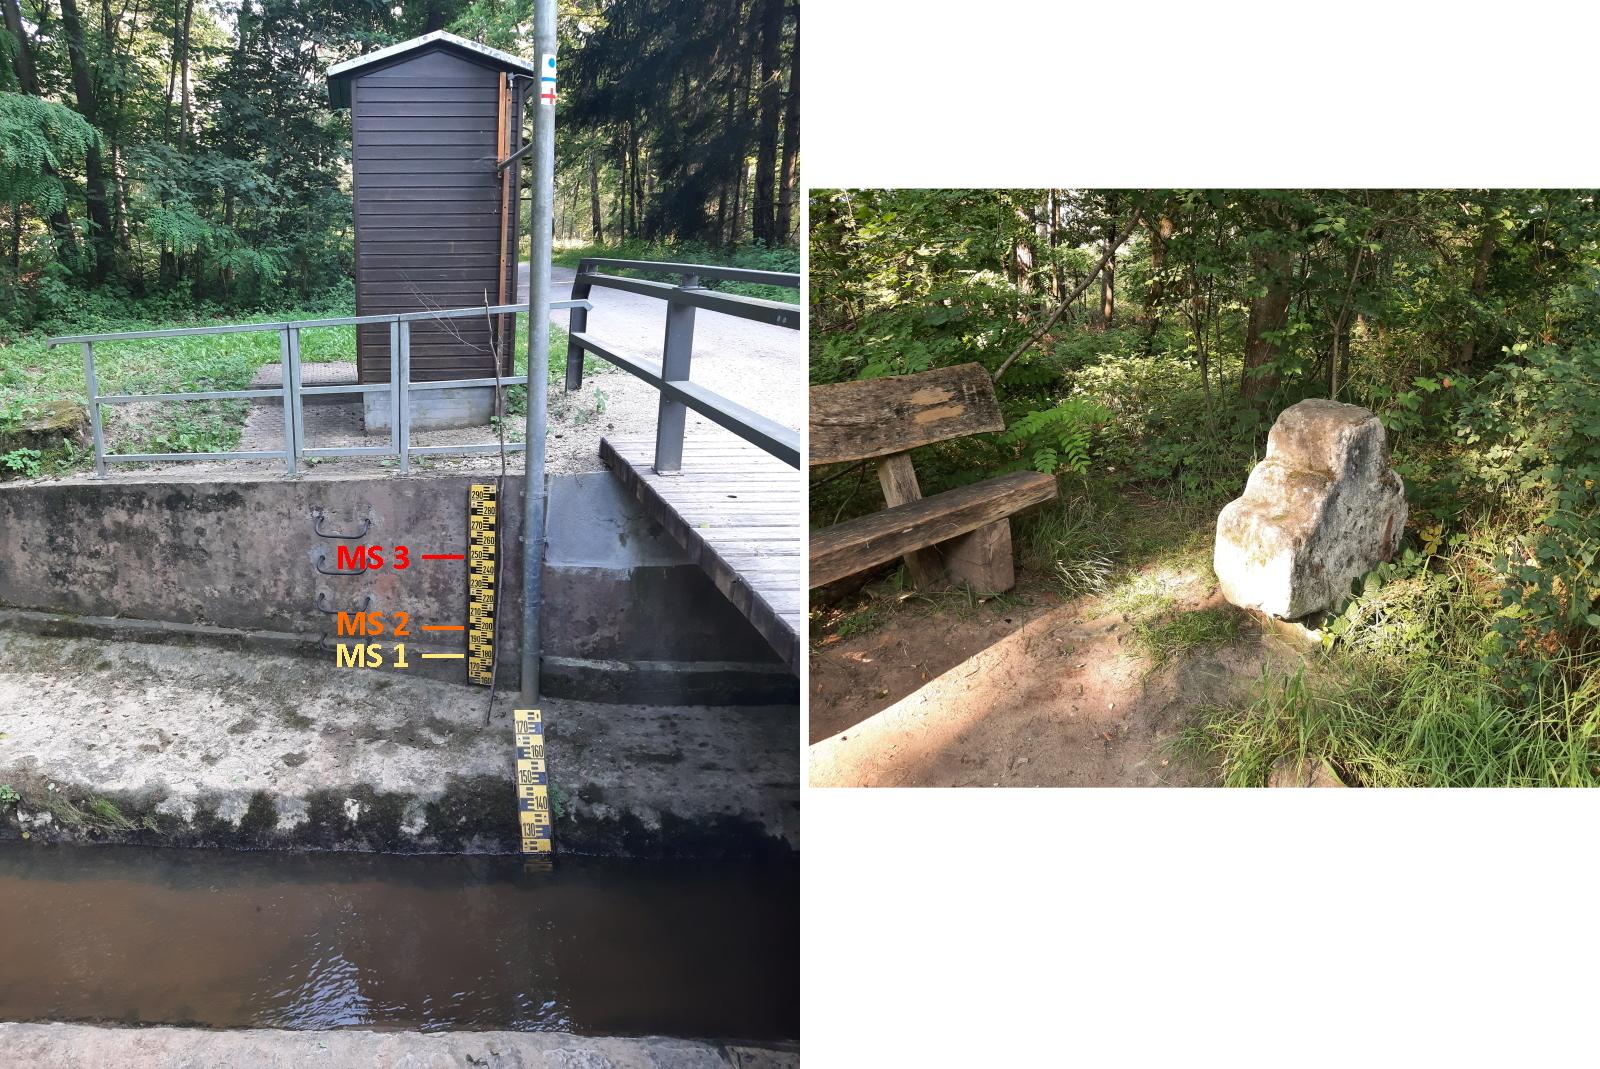 Die Messstation Frauenkreuz/Gründlach und das namensgebende Steinkreuz